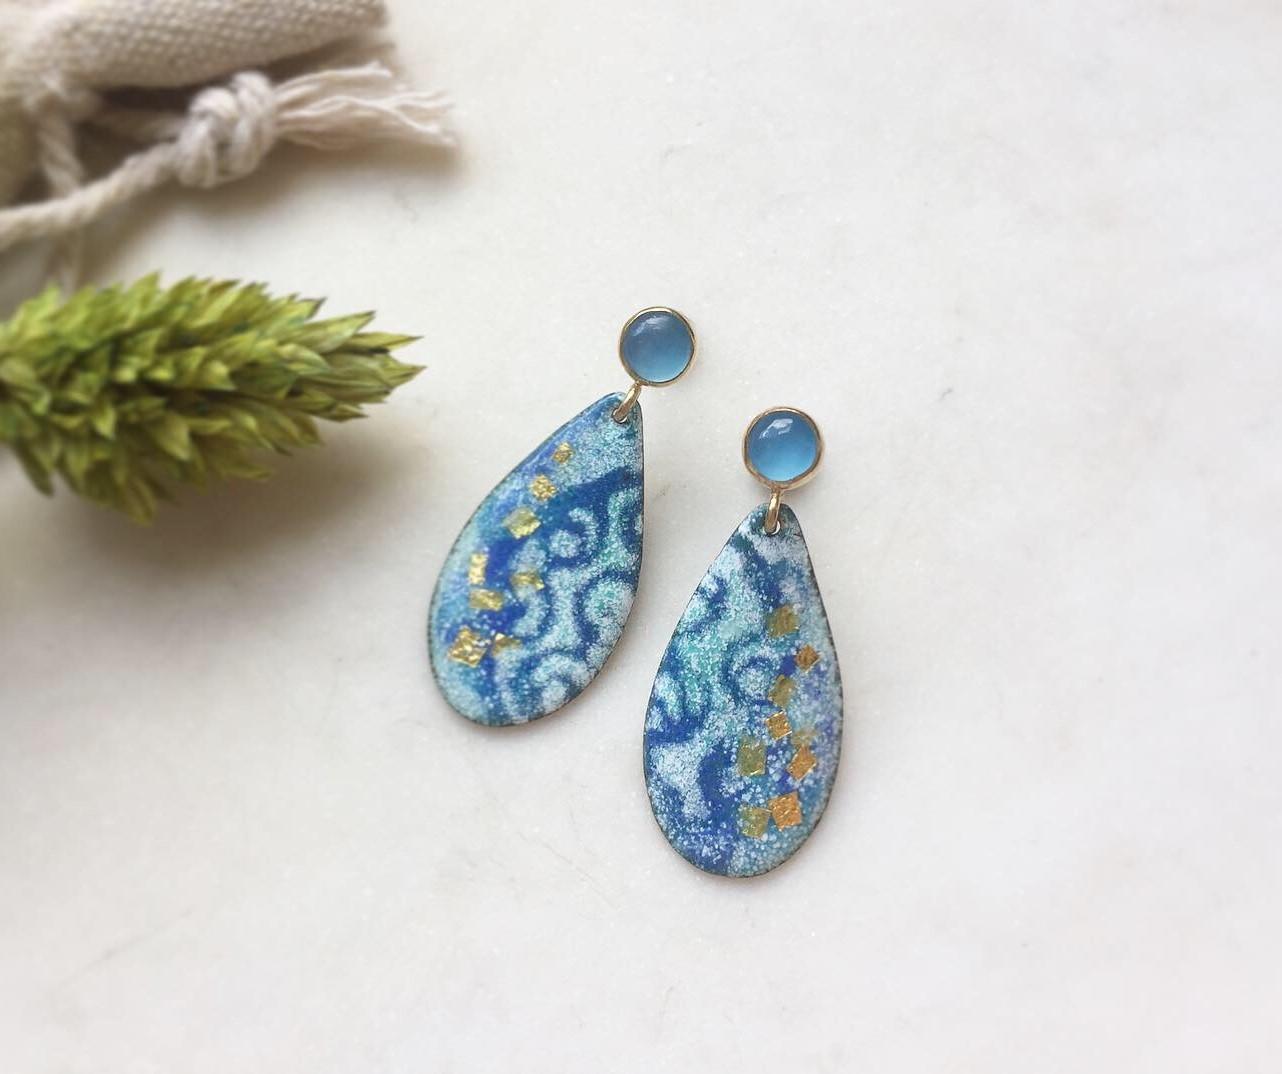 Blue Enamel Raindrop Earrings